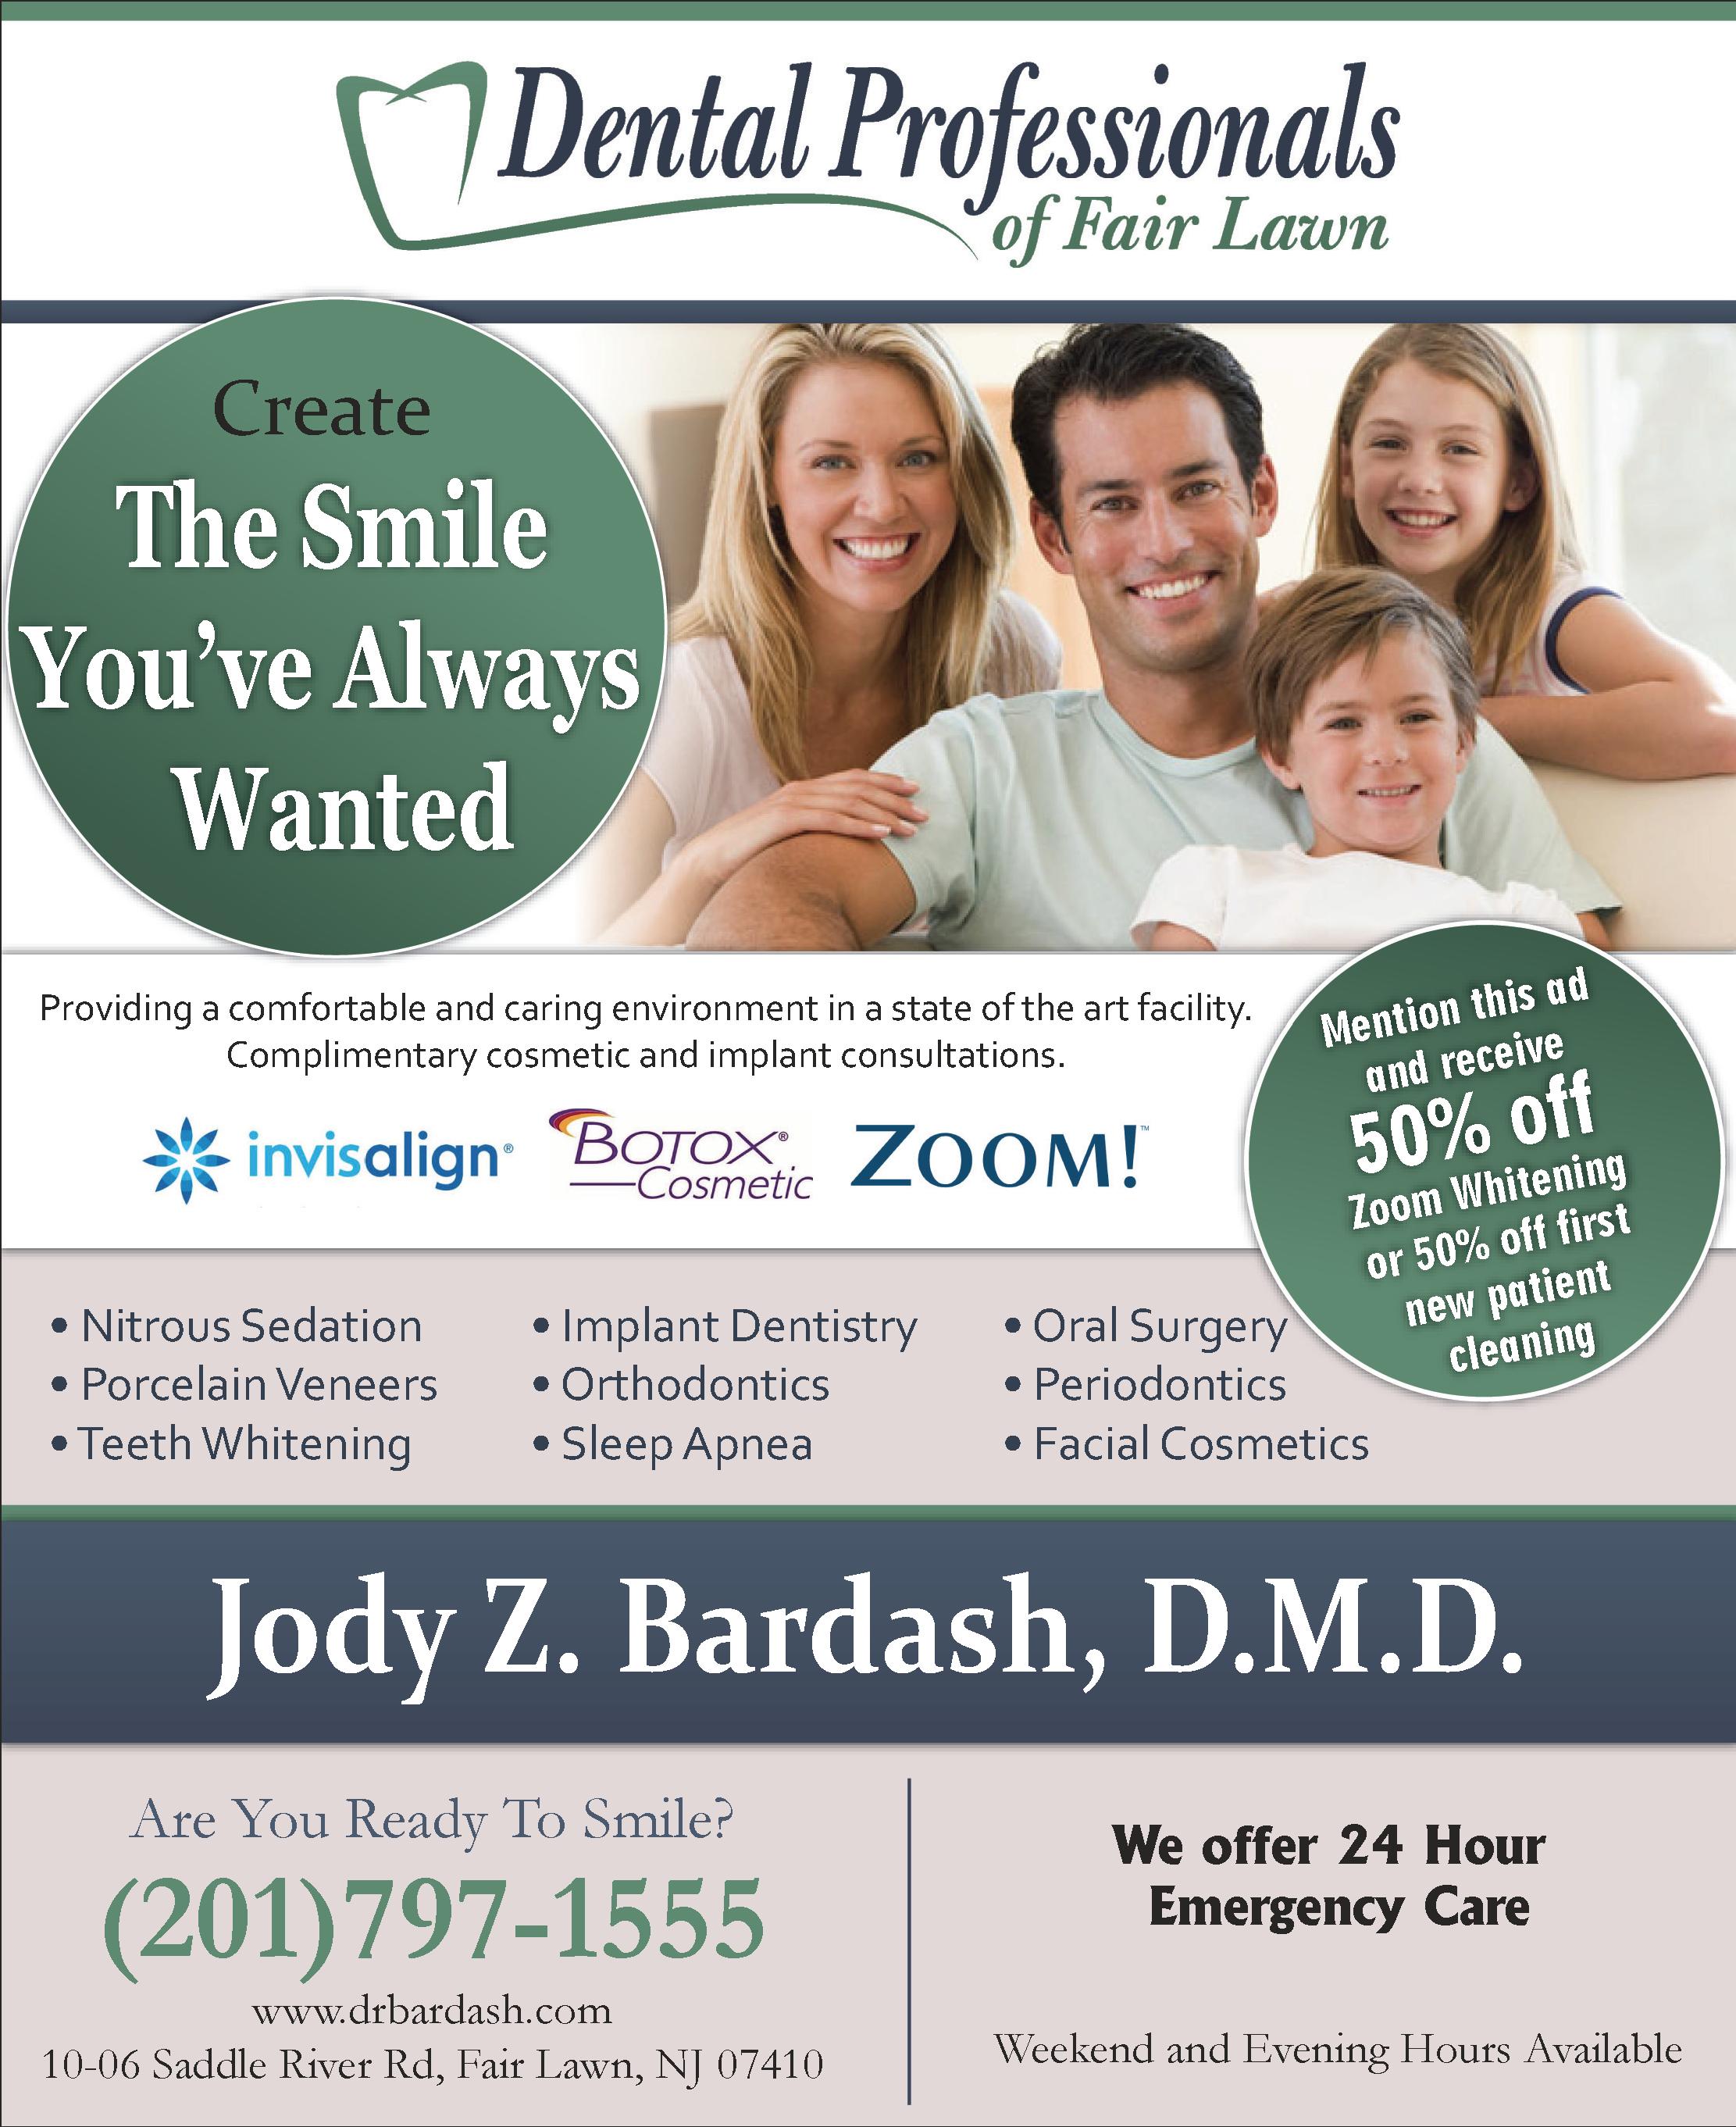 JLNJ Dental Professionals